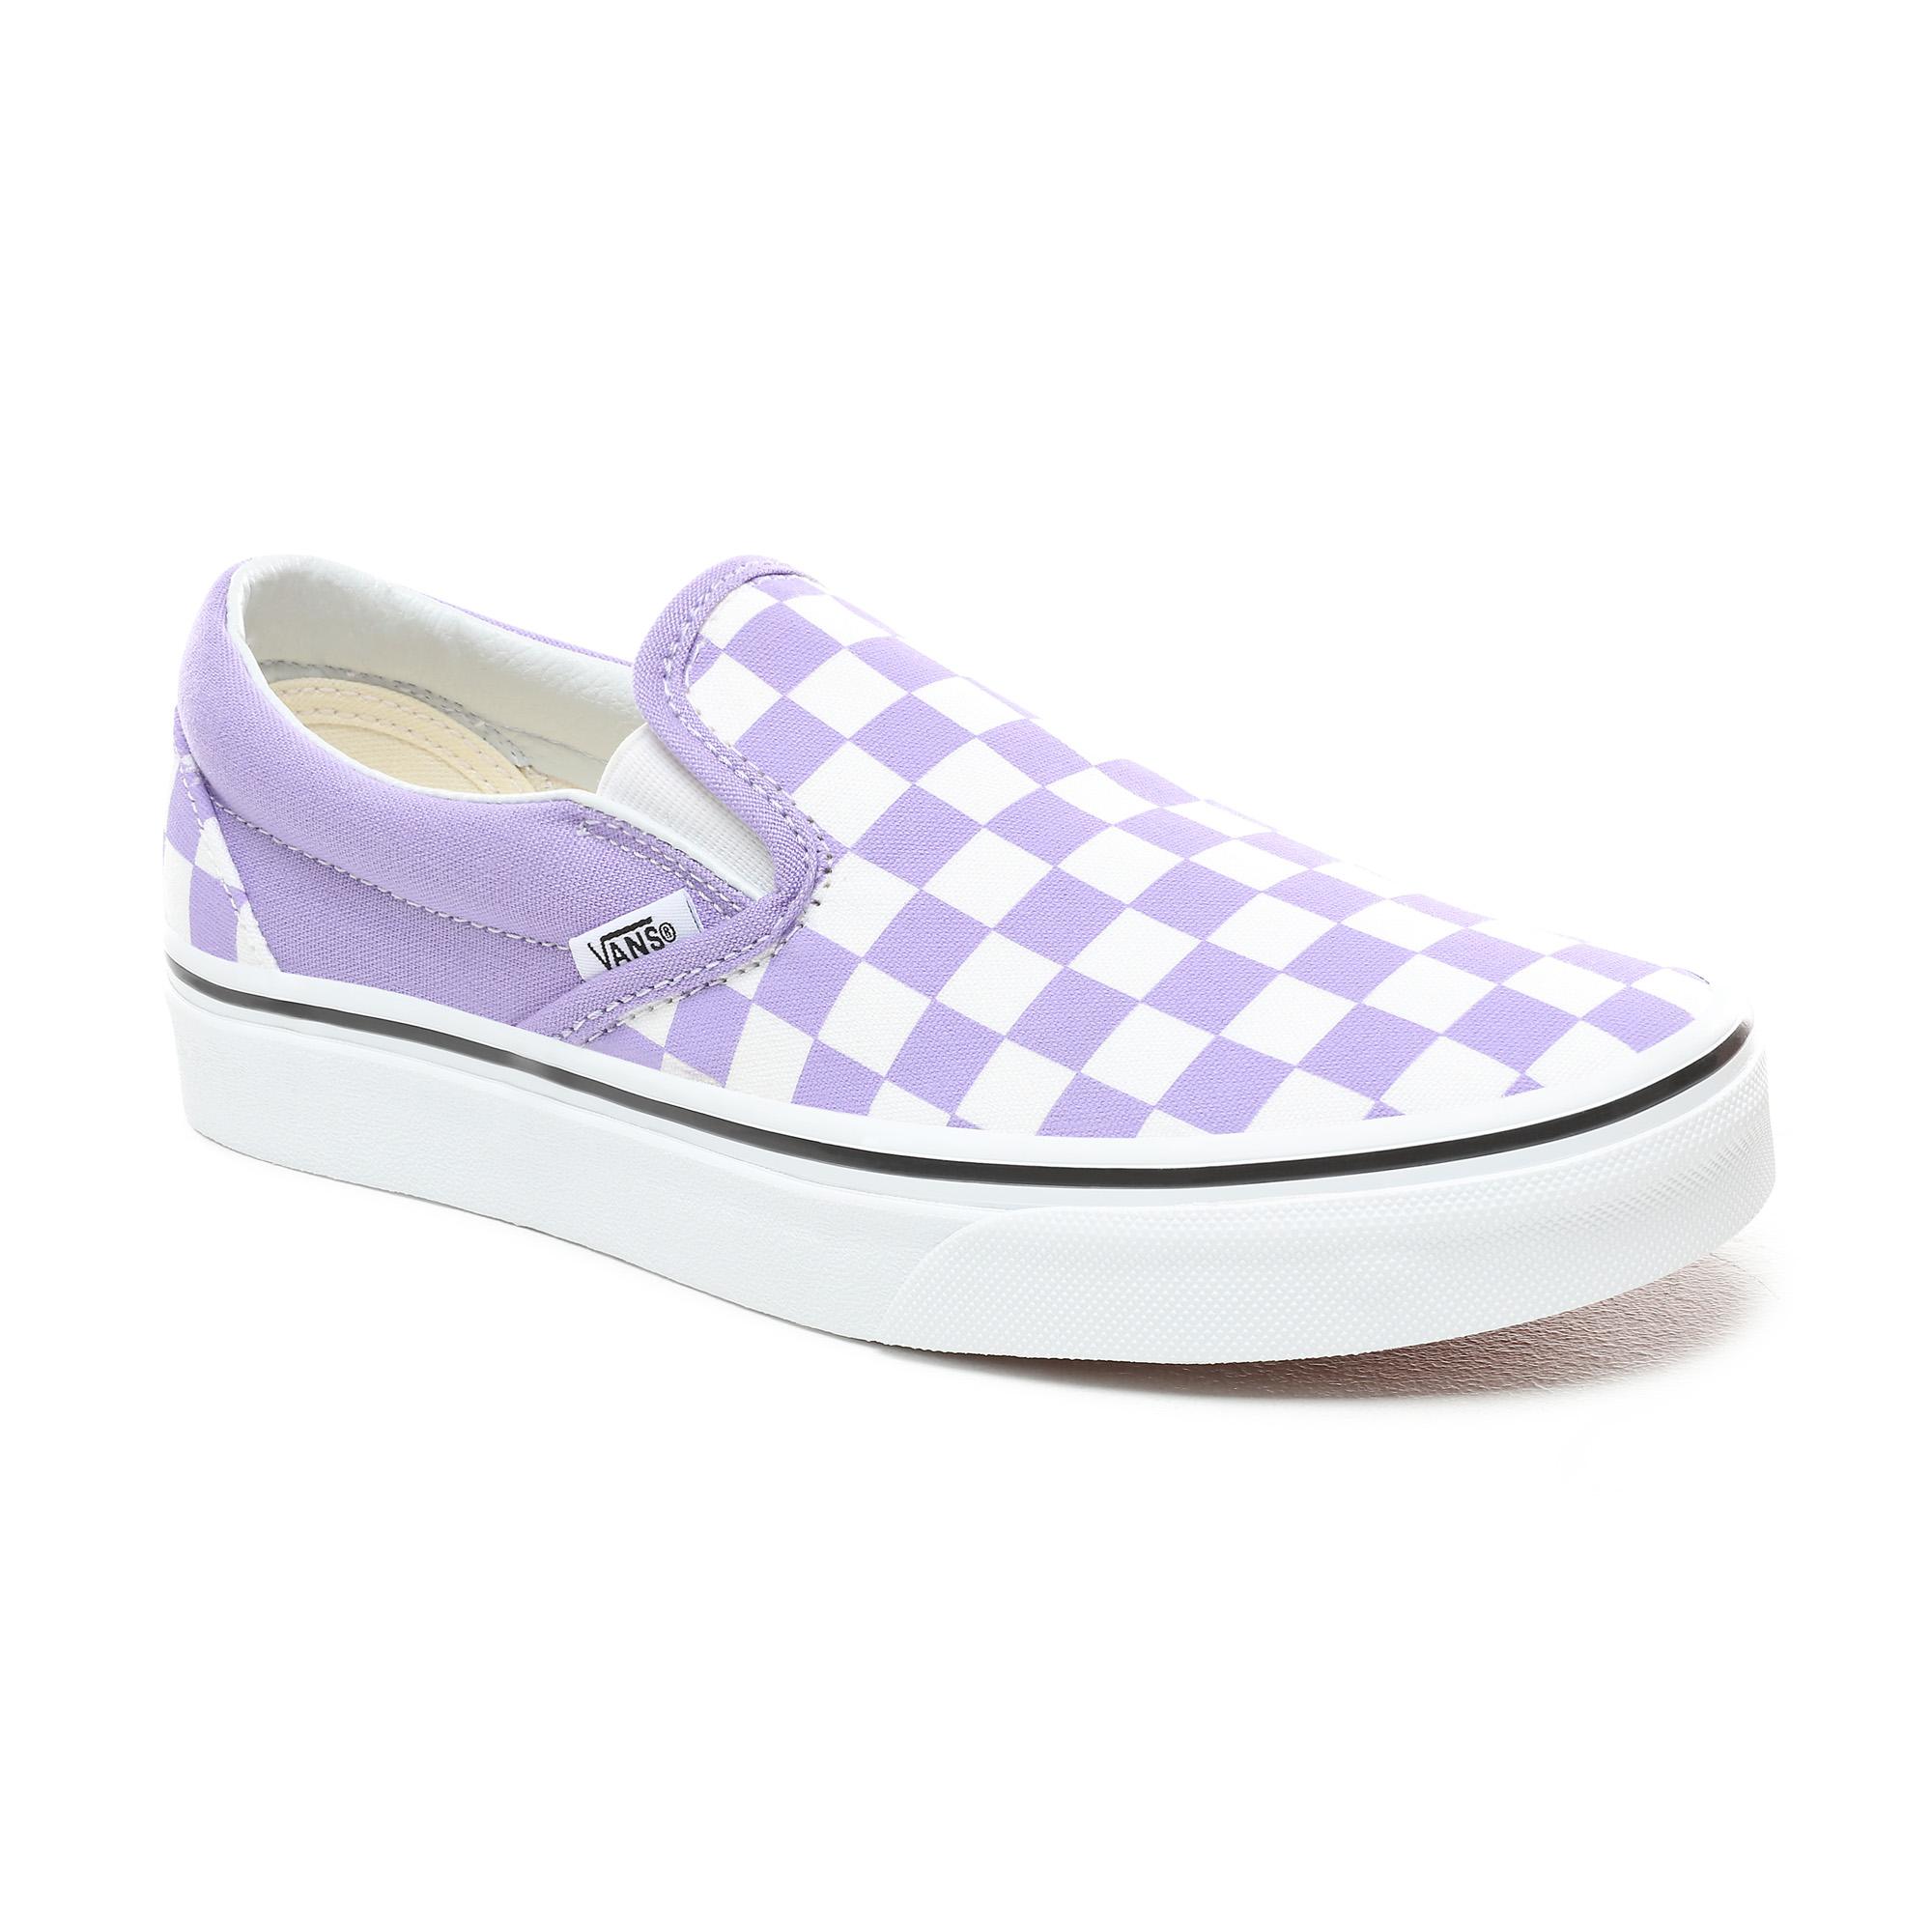 Фото 4 - Кеды Classic Slip-On фиолетового цвета